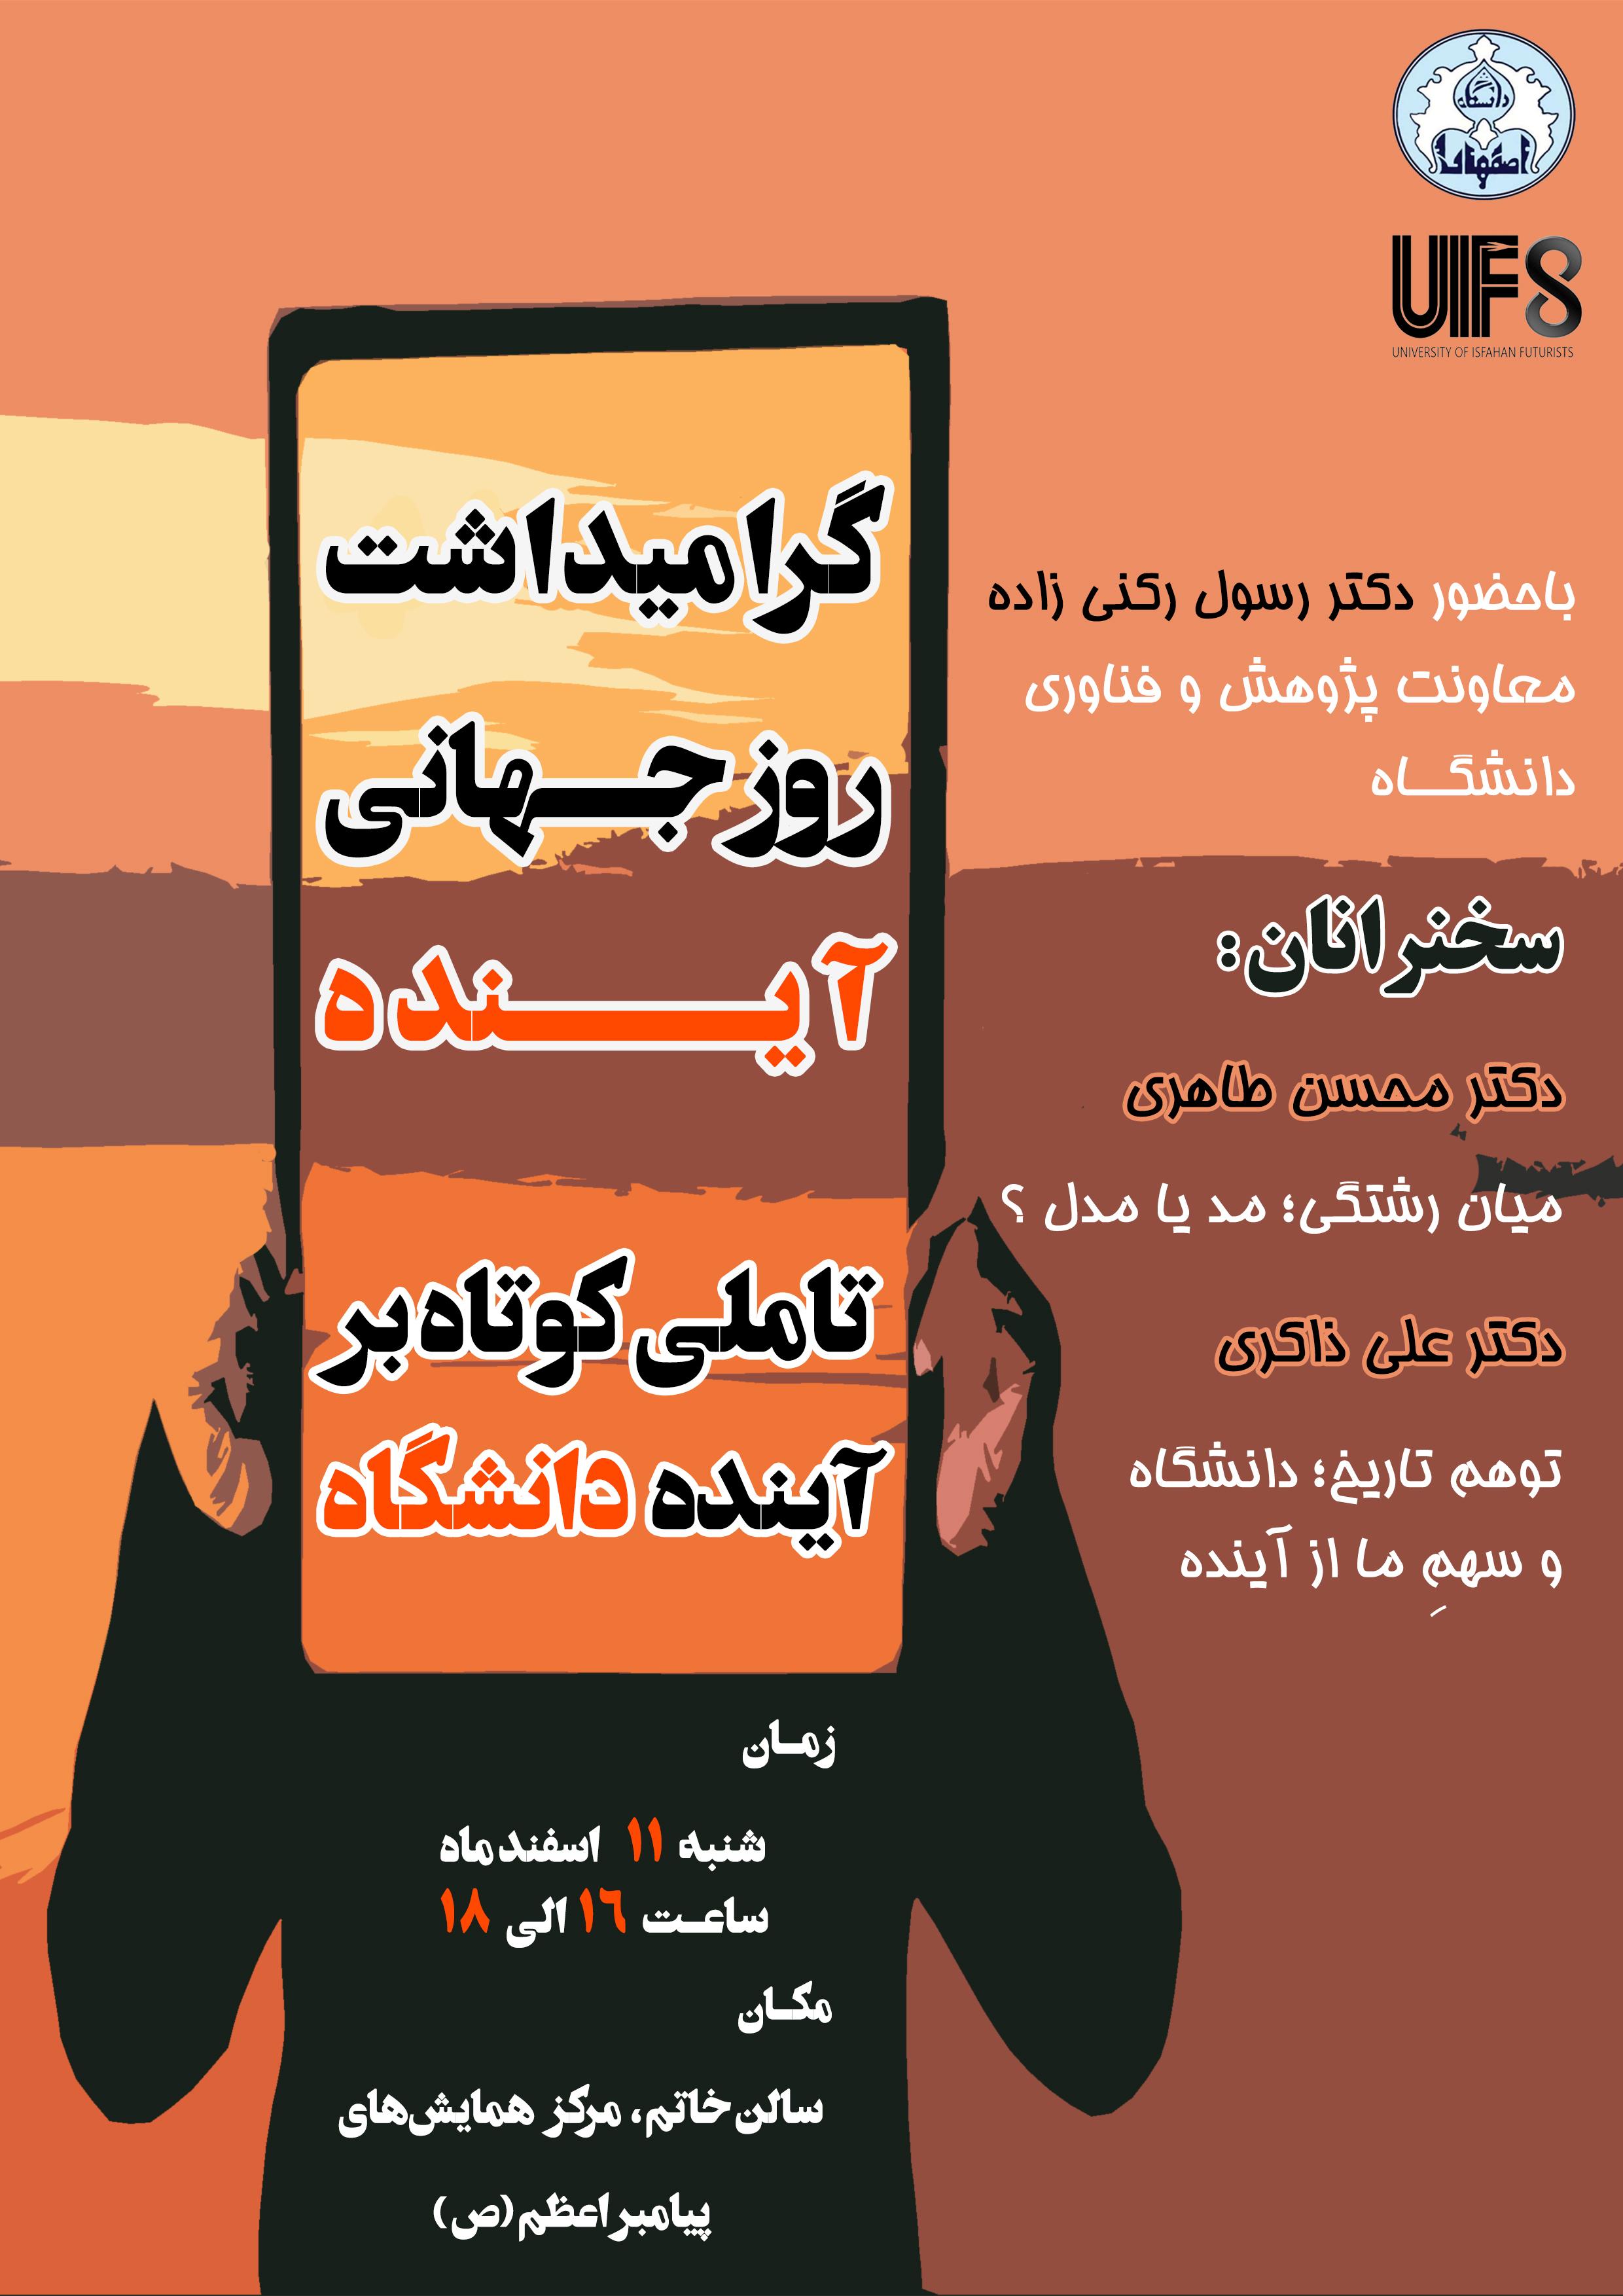 گرامی داشت روز جهانی آینده در دانشگاه اصفهان